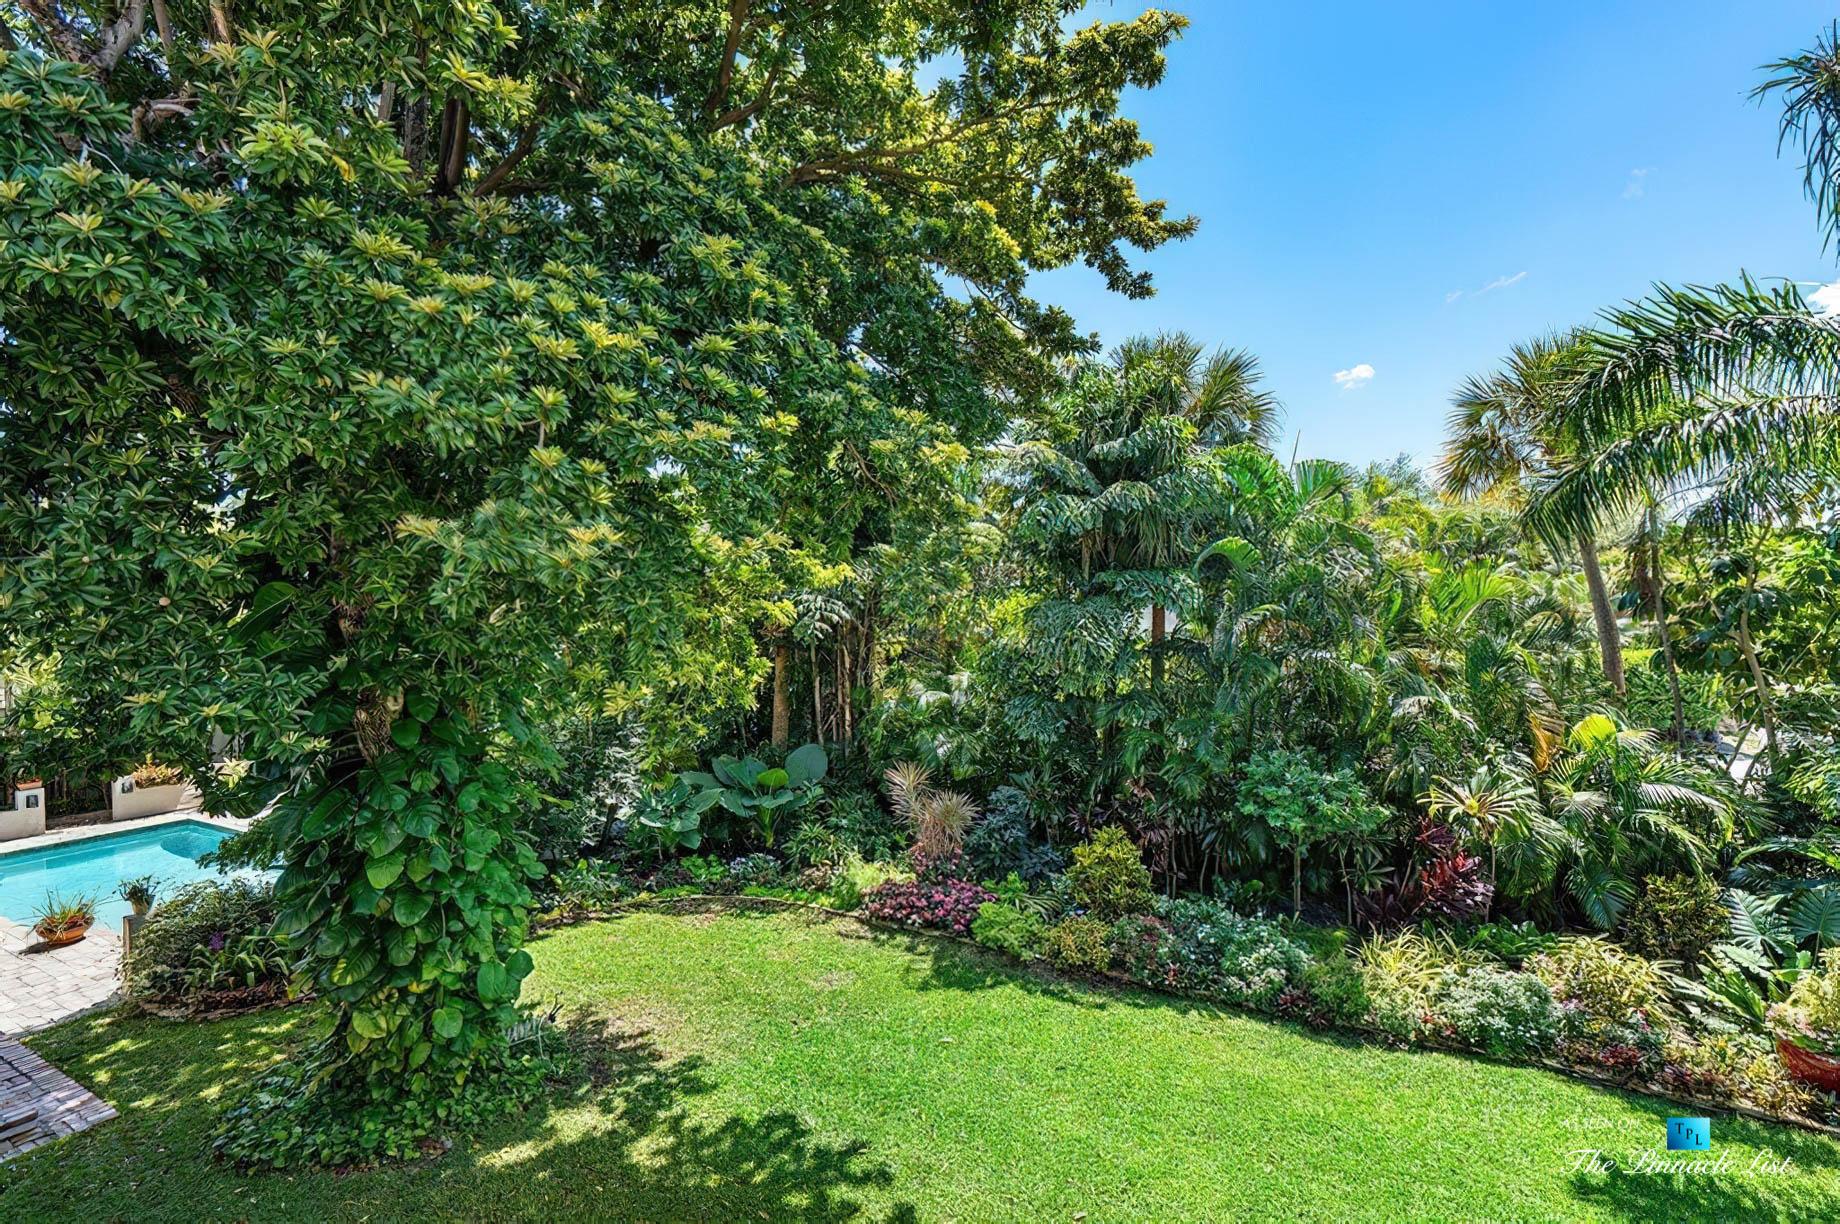 888 Oleander St, Boca Raton, FL, USA - Luxury Real Estate - Old Floresta Estate Home - Backyard